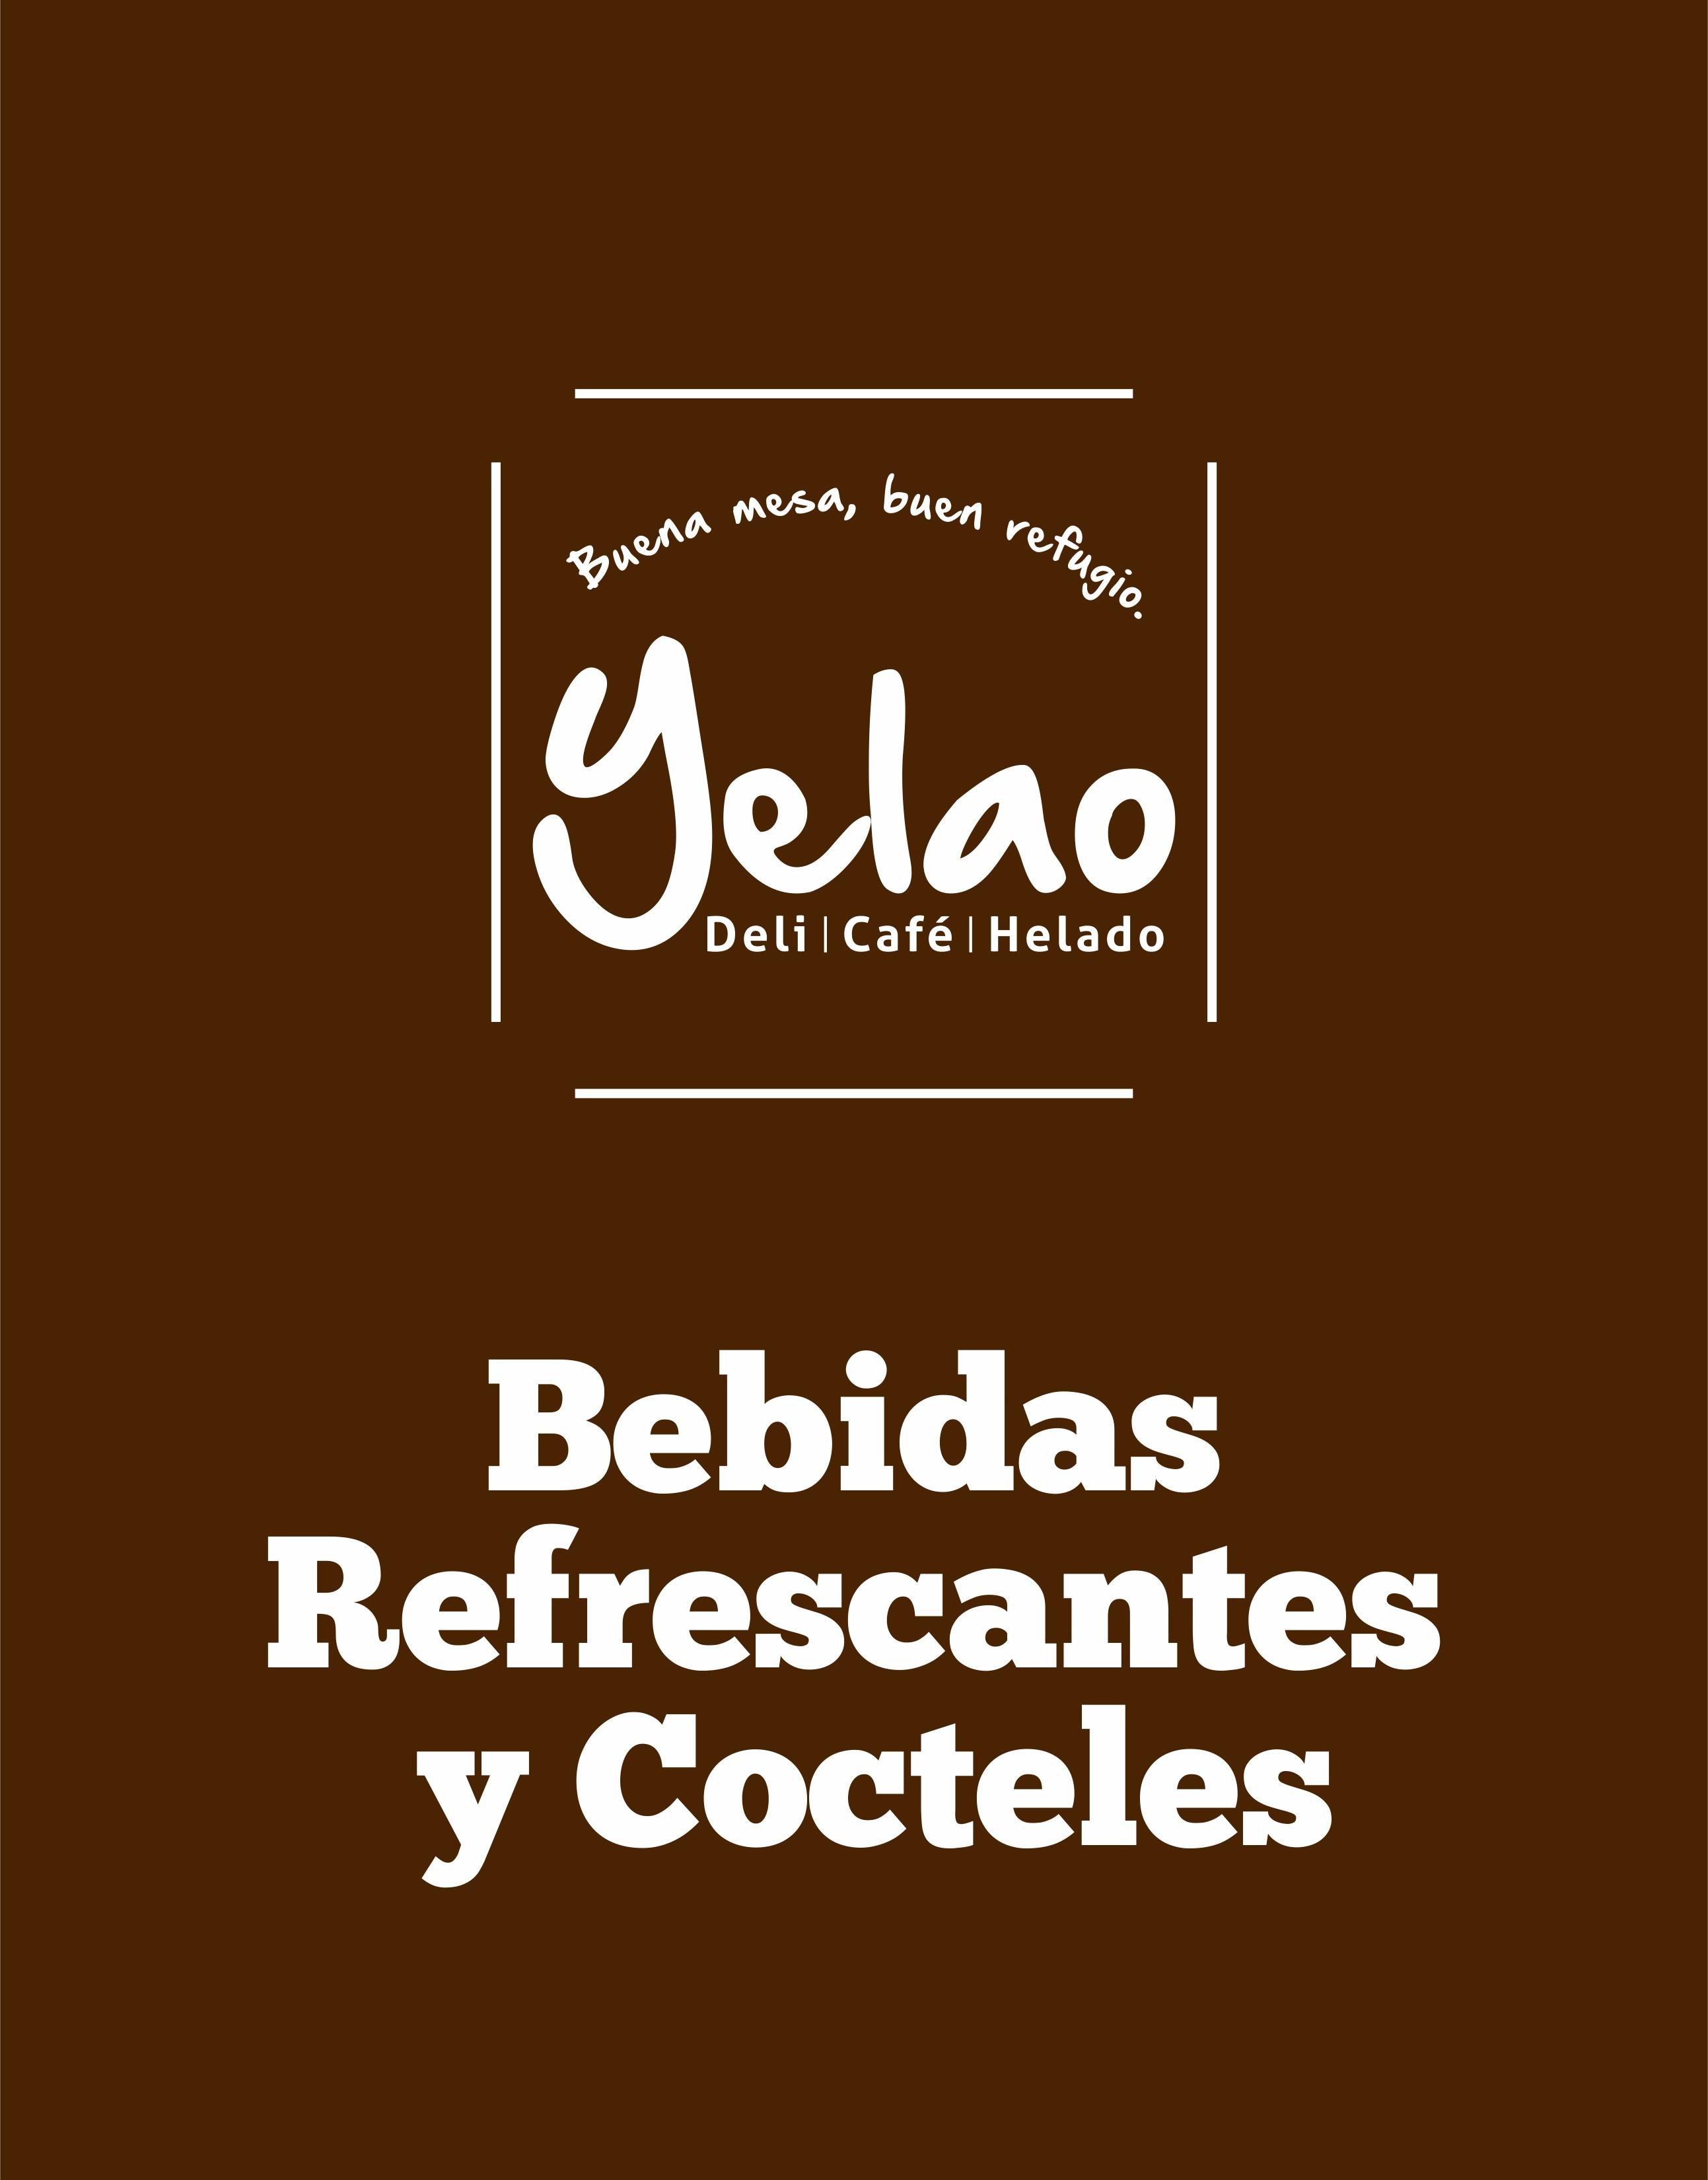 https://0201.nccdn.net/1_2/000/000/0f3/bcb/6-PORTADA-BEBIDAS-REFRESCANTES-Y-COCTELES-2586x3300.jpg